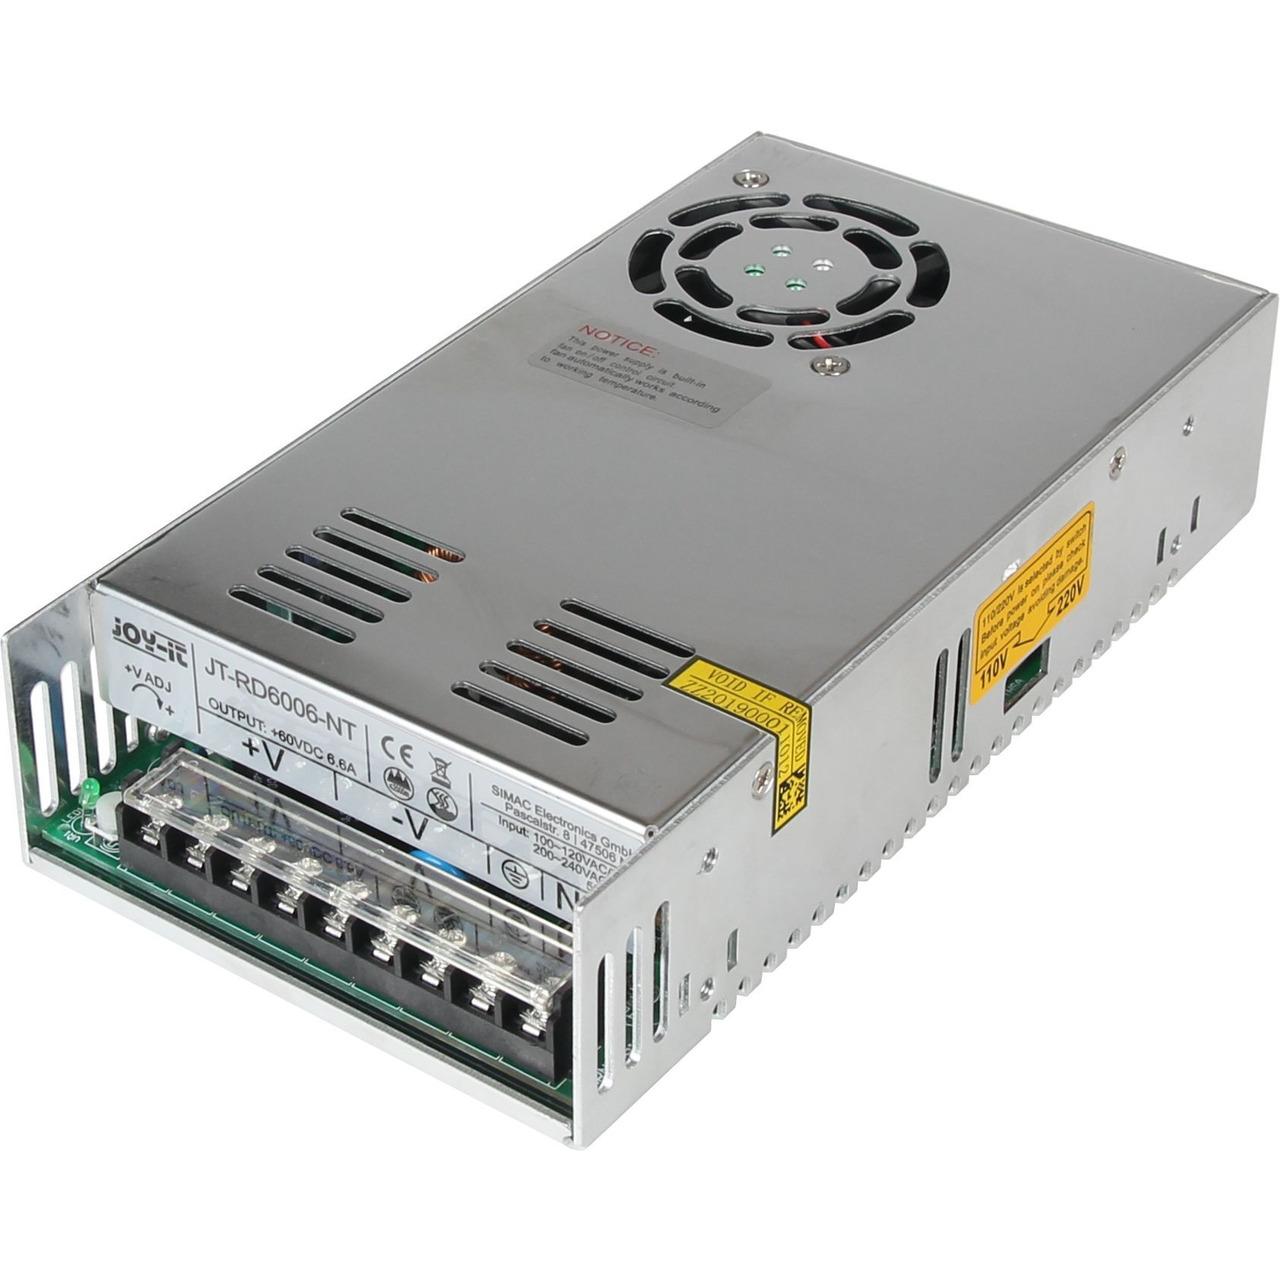 Joy-IT-Netzteil JT-RD6006-NT für das JT-RD6006 mit 60 V-6-6 A  400 W